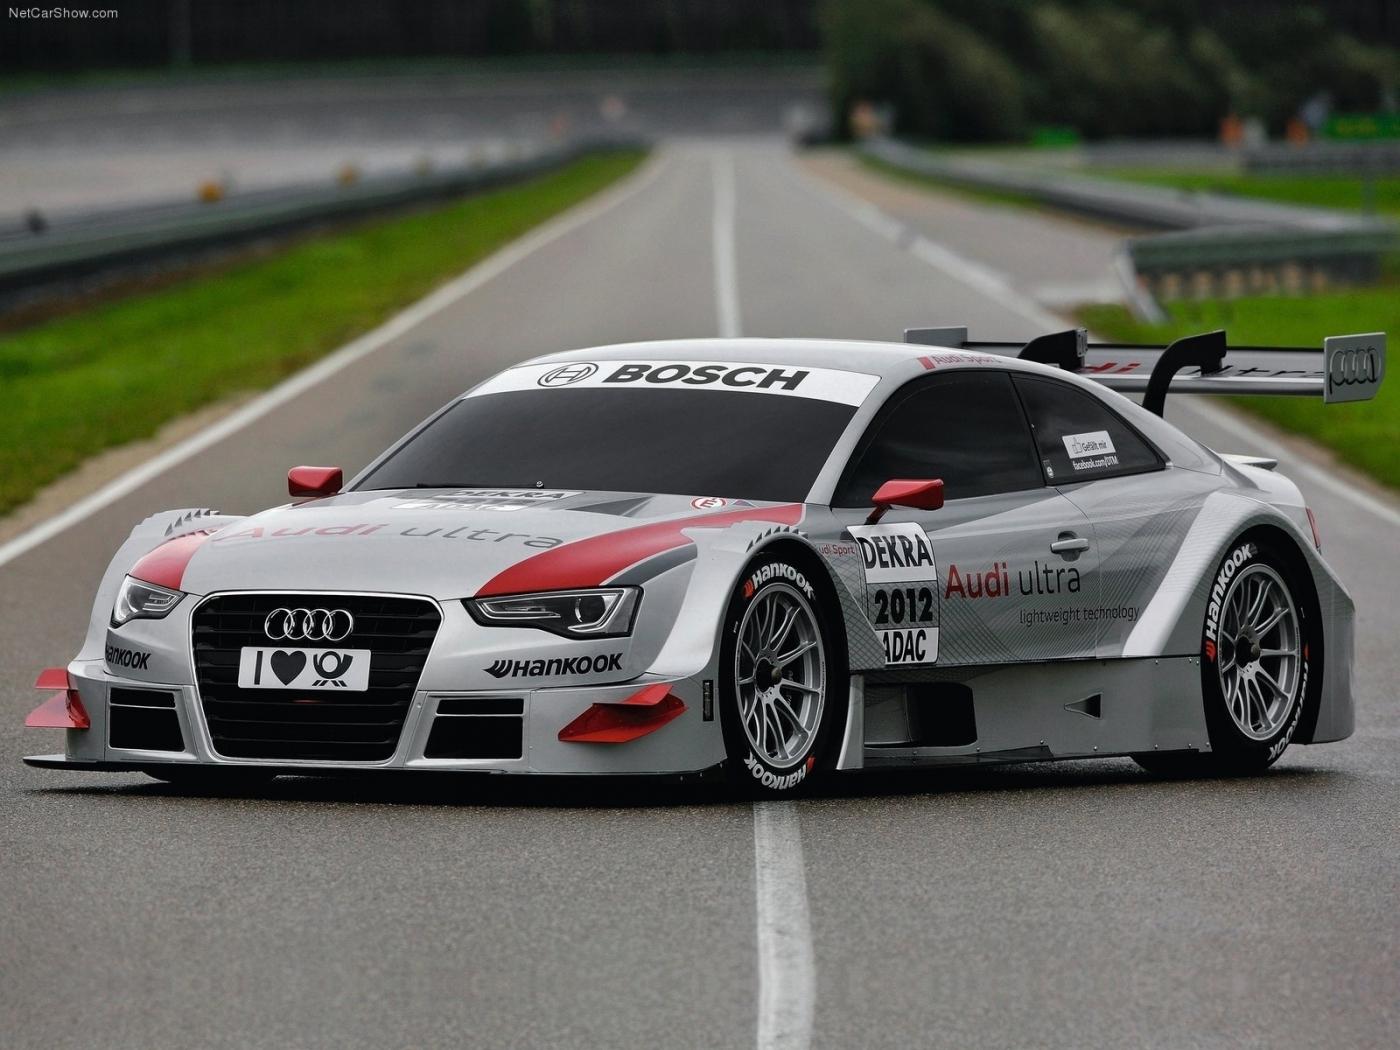 27911 скачать обои Спорт, Транспорт, Машины, Гонки, Ауди (Audi) - заставки и картинки бесплатно